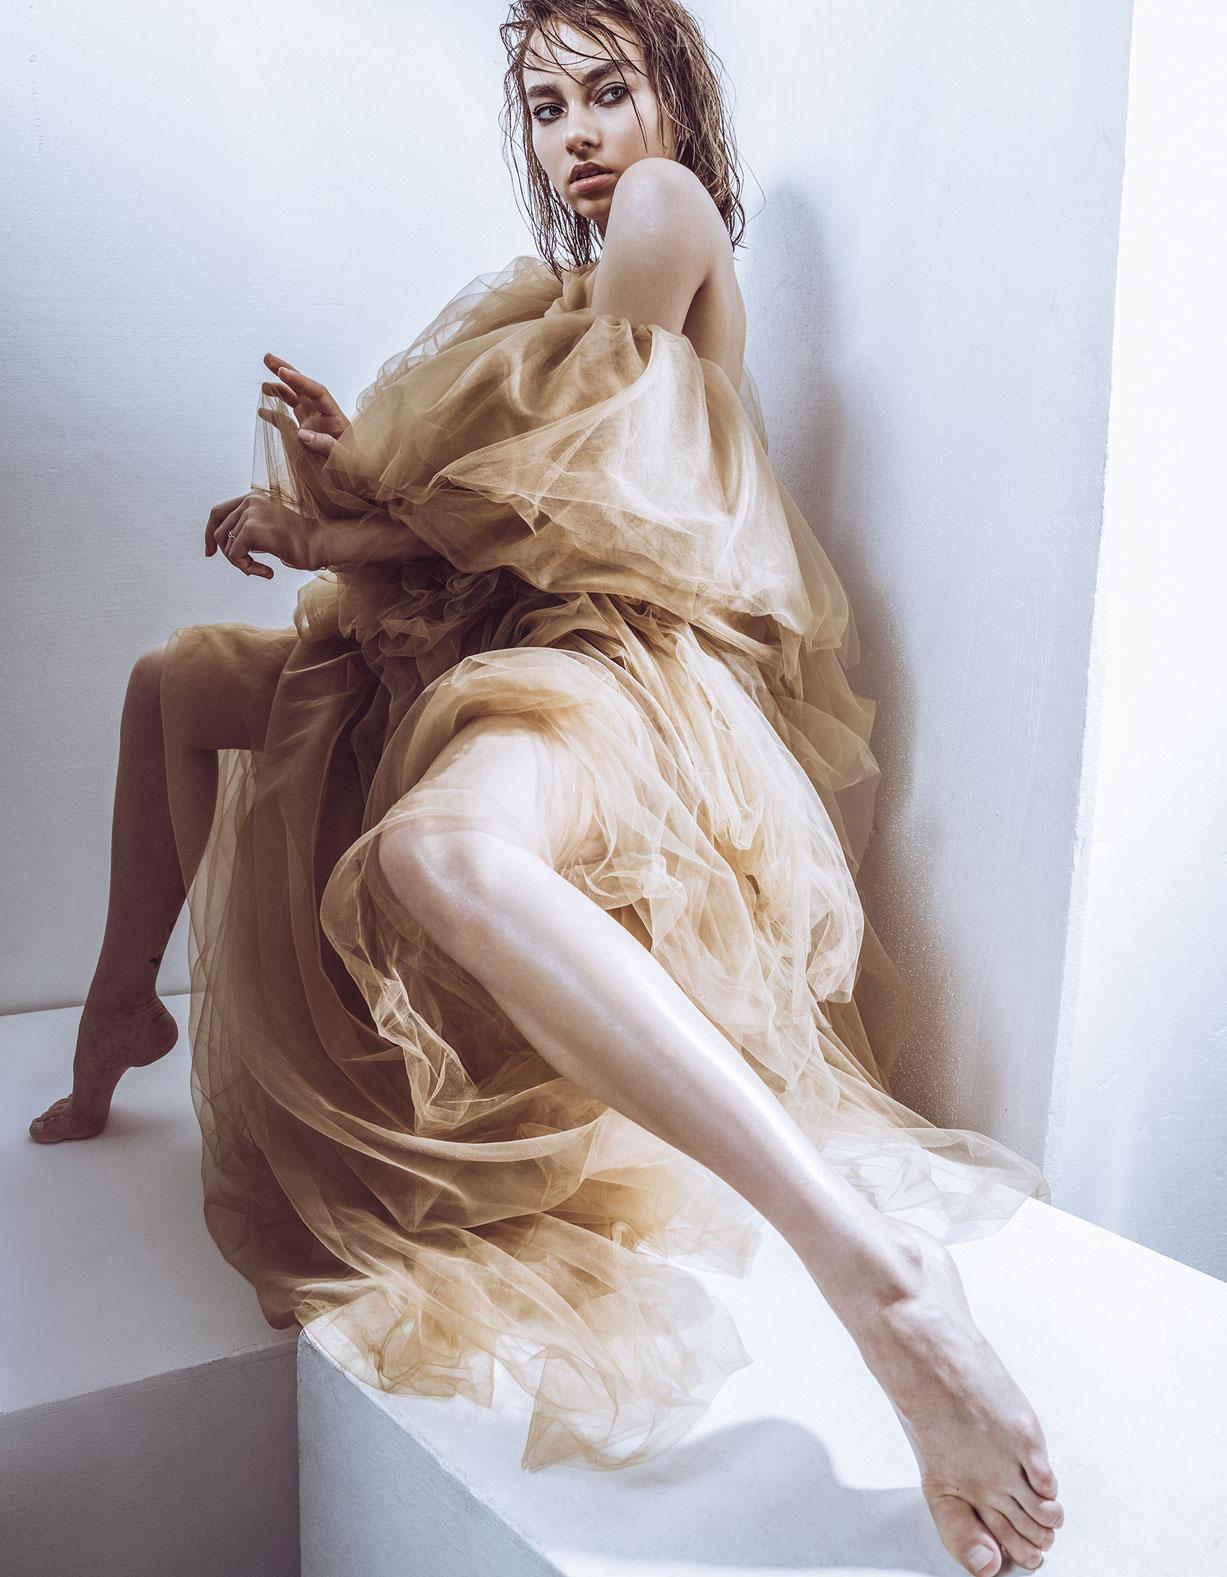 Obsession / Katerina Podbereznaya by Ilya Blinov